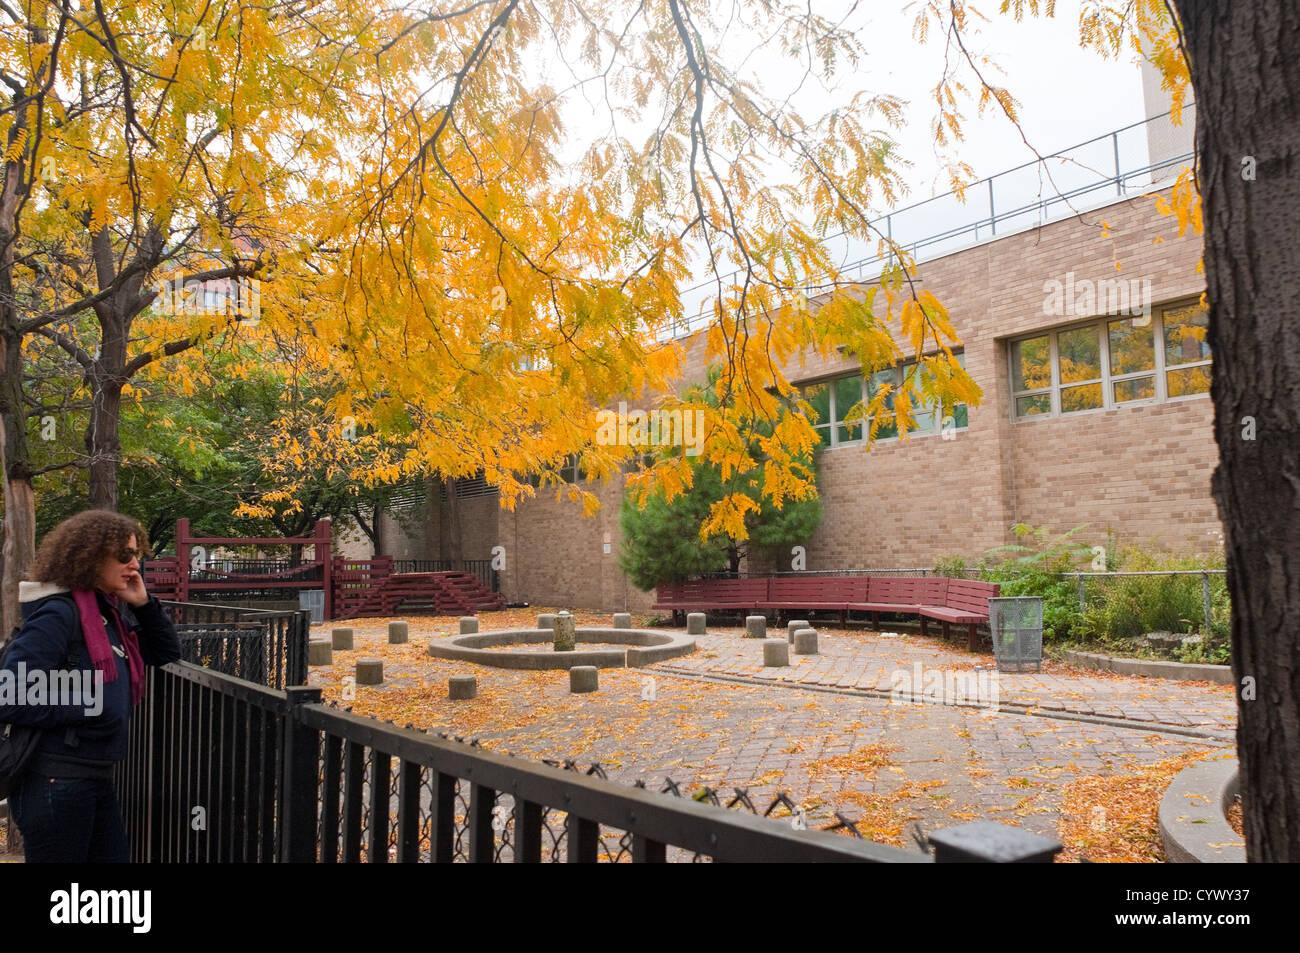 Coles, centre de sports et de loisirs sur le campus de l'université de New York Photo Stock